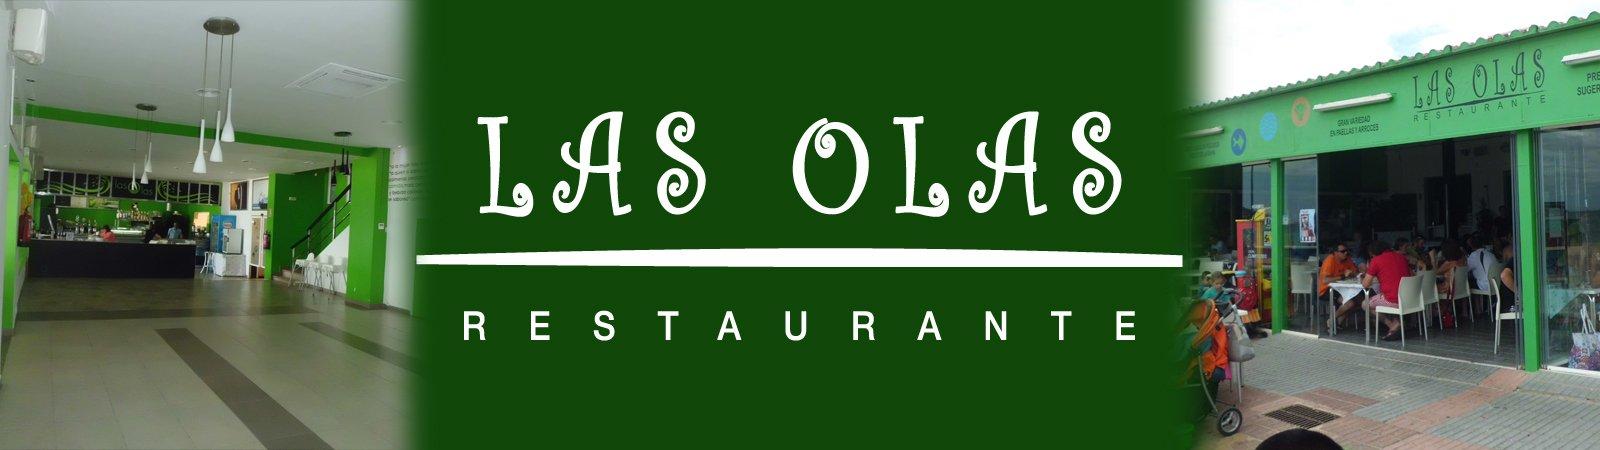 Las Olas, Restaurante Algeciras, Restaurante en la playa, restaurante getares,